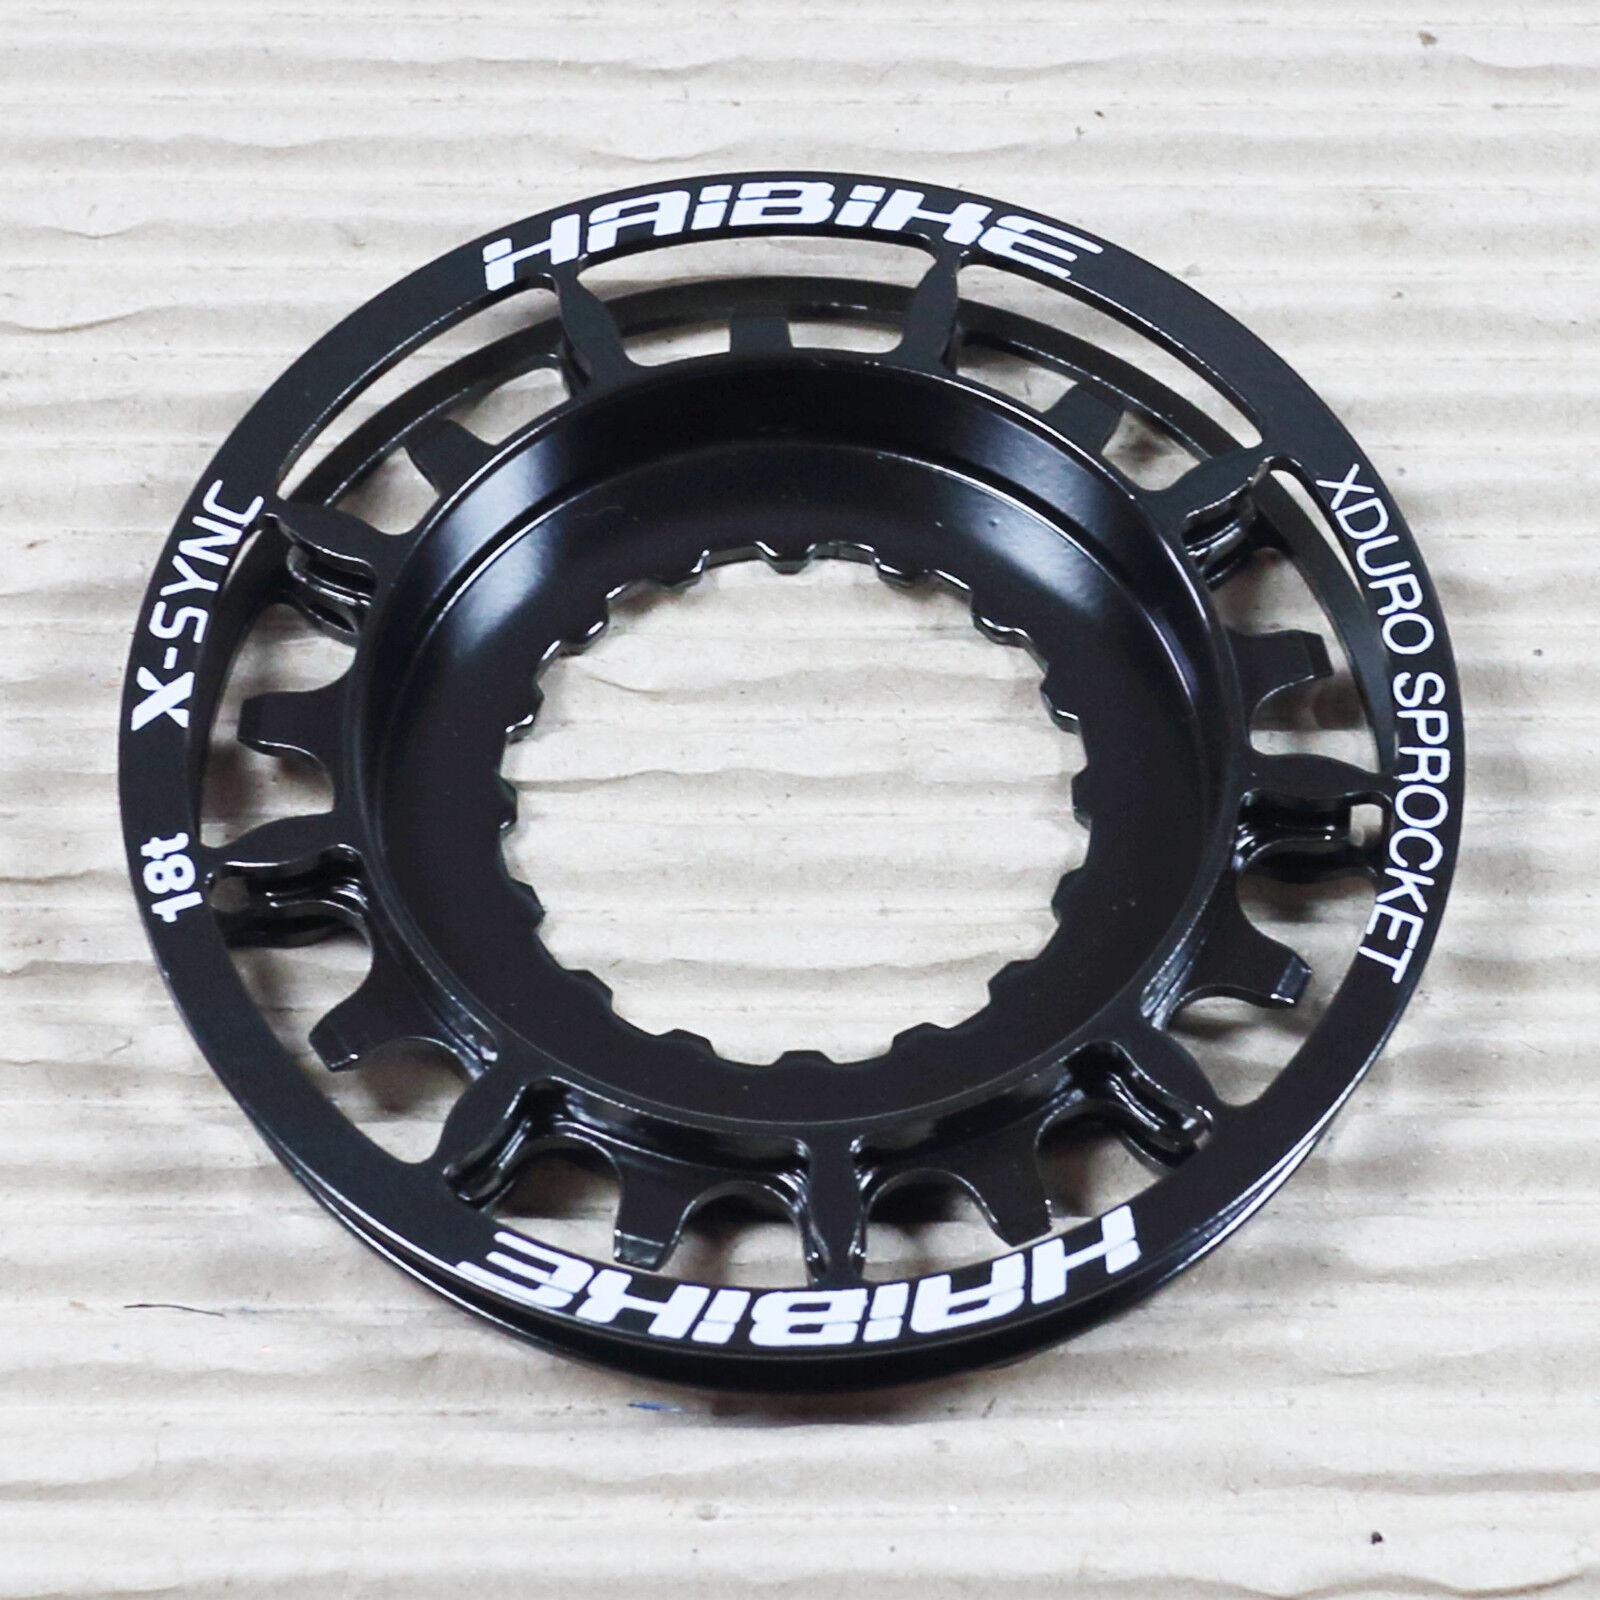 Antriebsritzel Haibike xduro 18 Zähne 5 mm Offset für Bosch Gen2 für Plus e-Bike